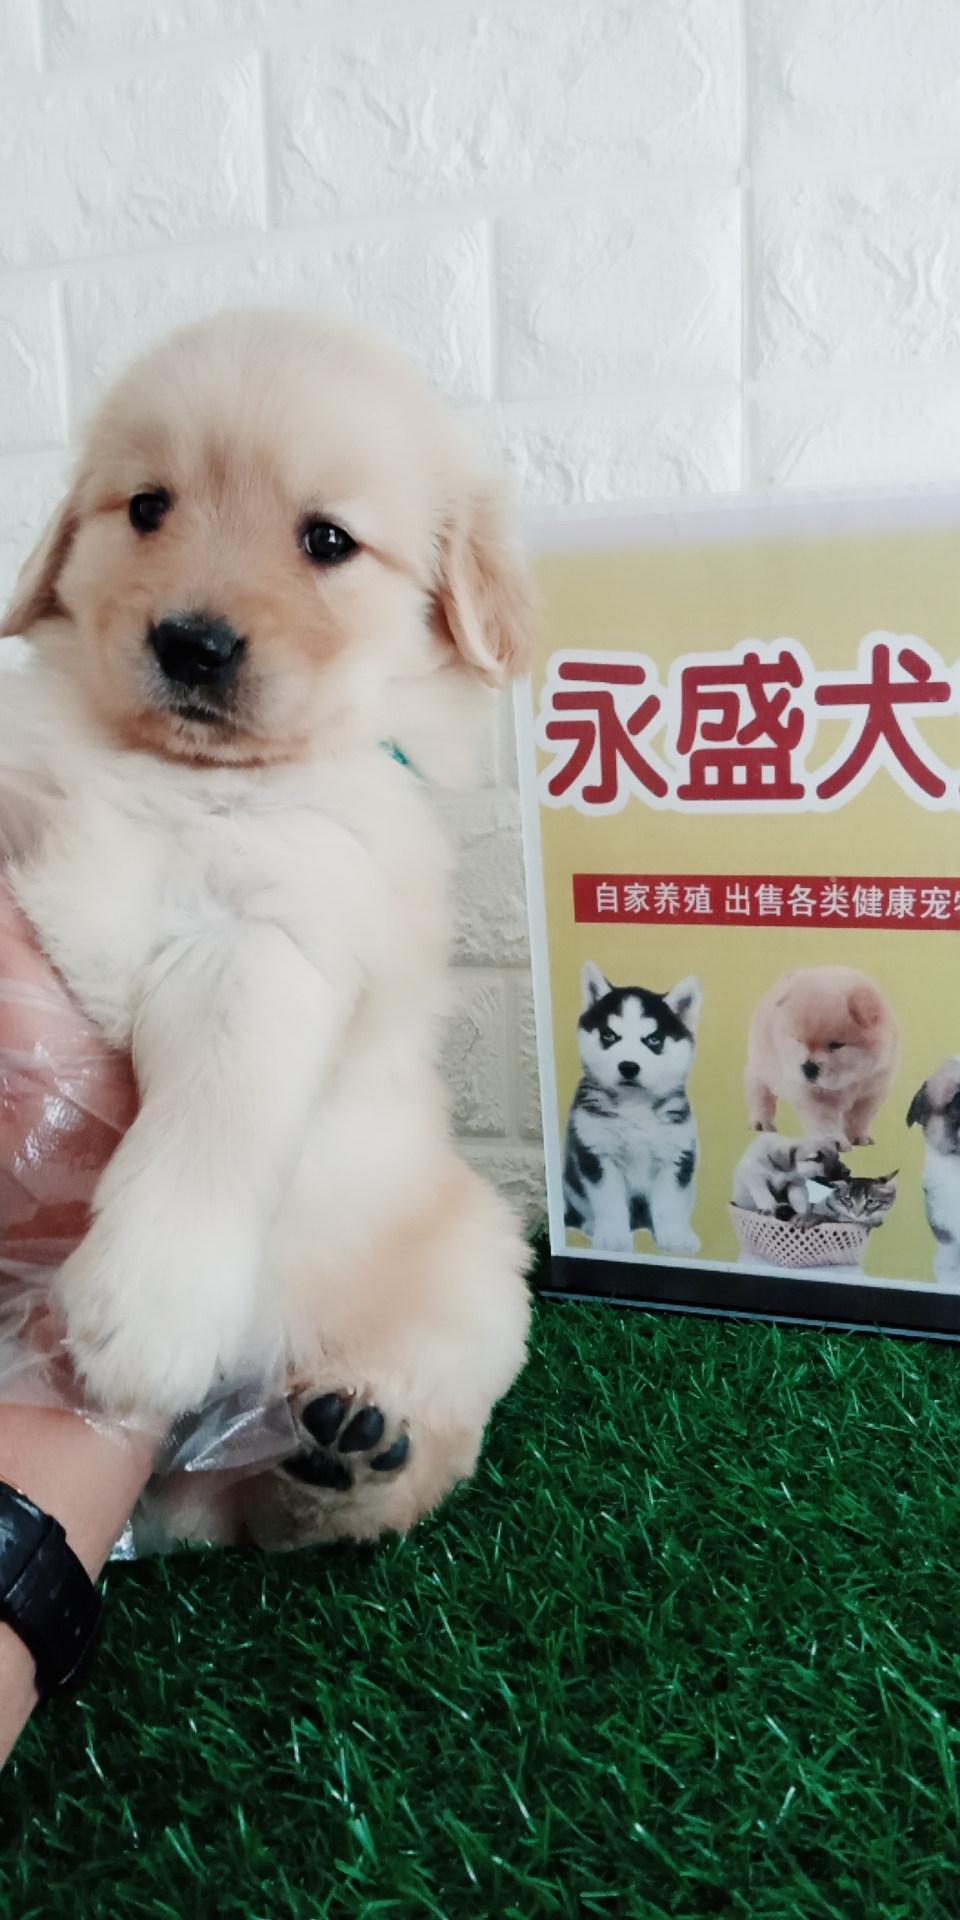 金毛犬 单血统 双血统 提供血统证书芯片 公母均有